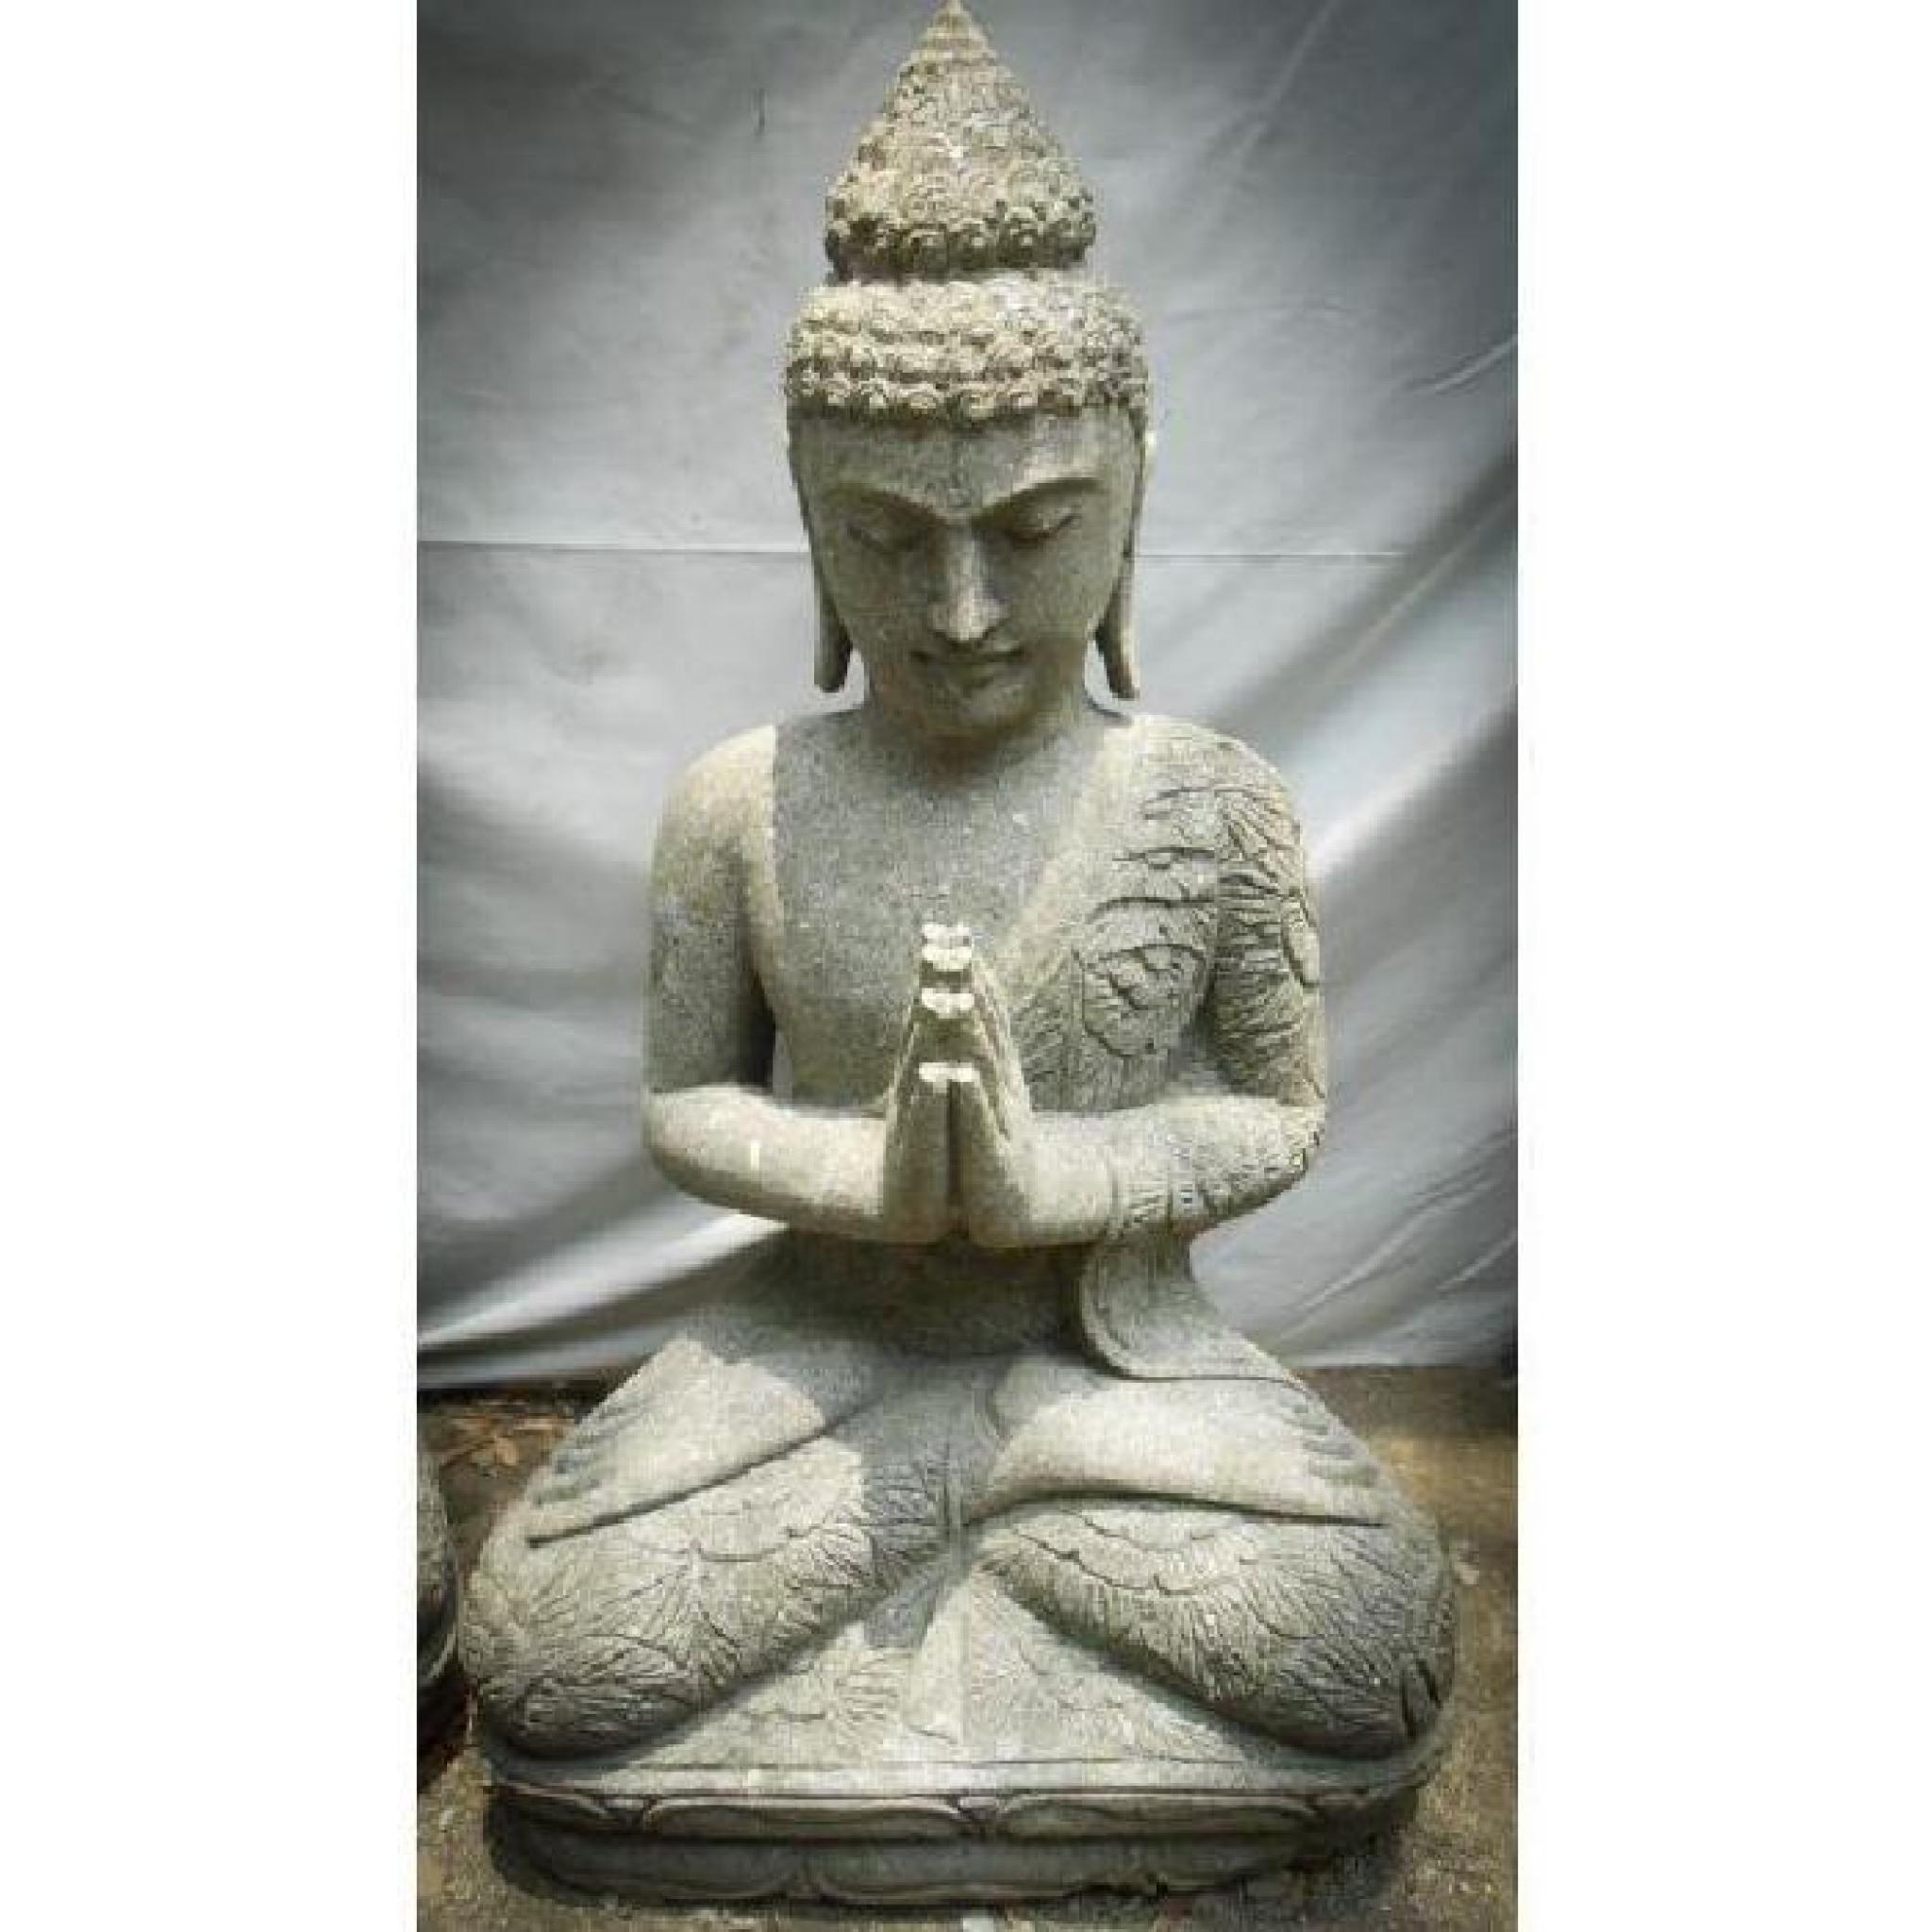 Statue En Pierre Bouddha Jardin Zen Position Priere 1 M pour Bouddha Pour Jardin Pas Cher